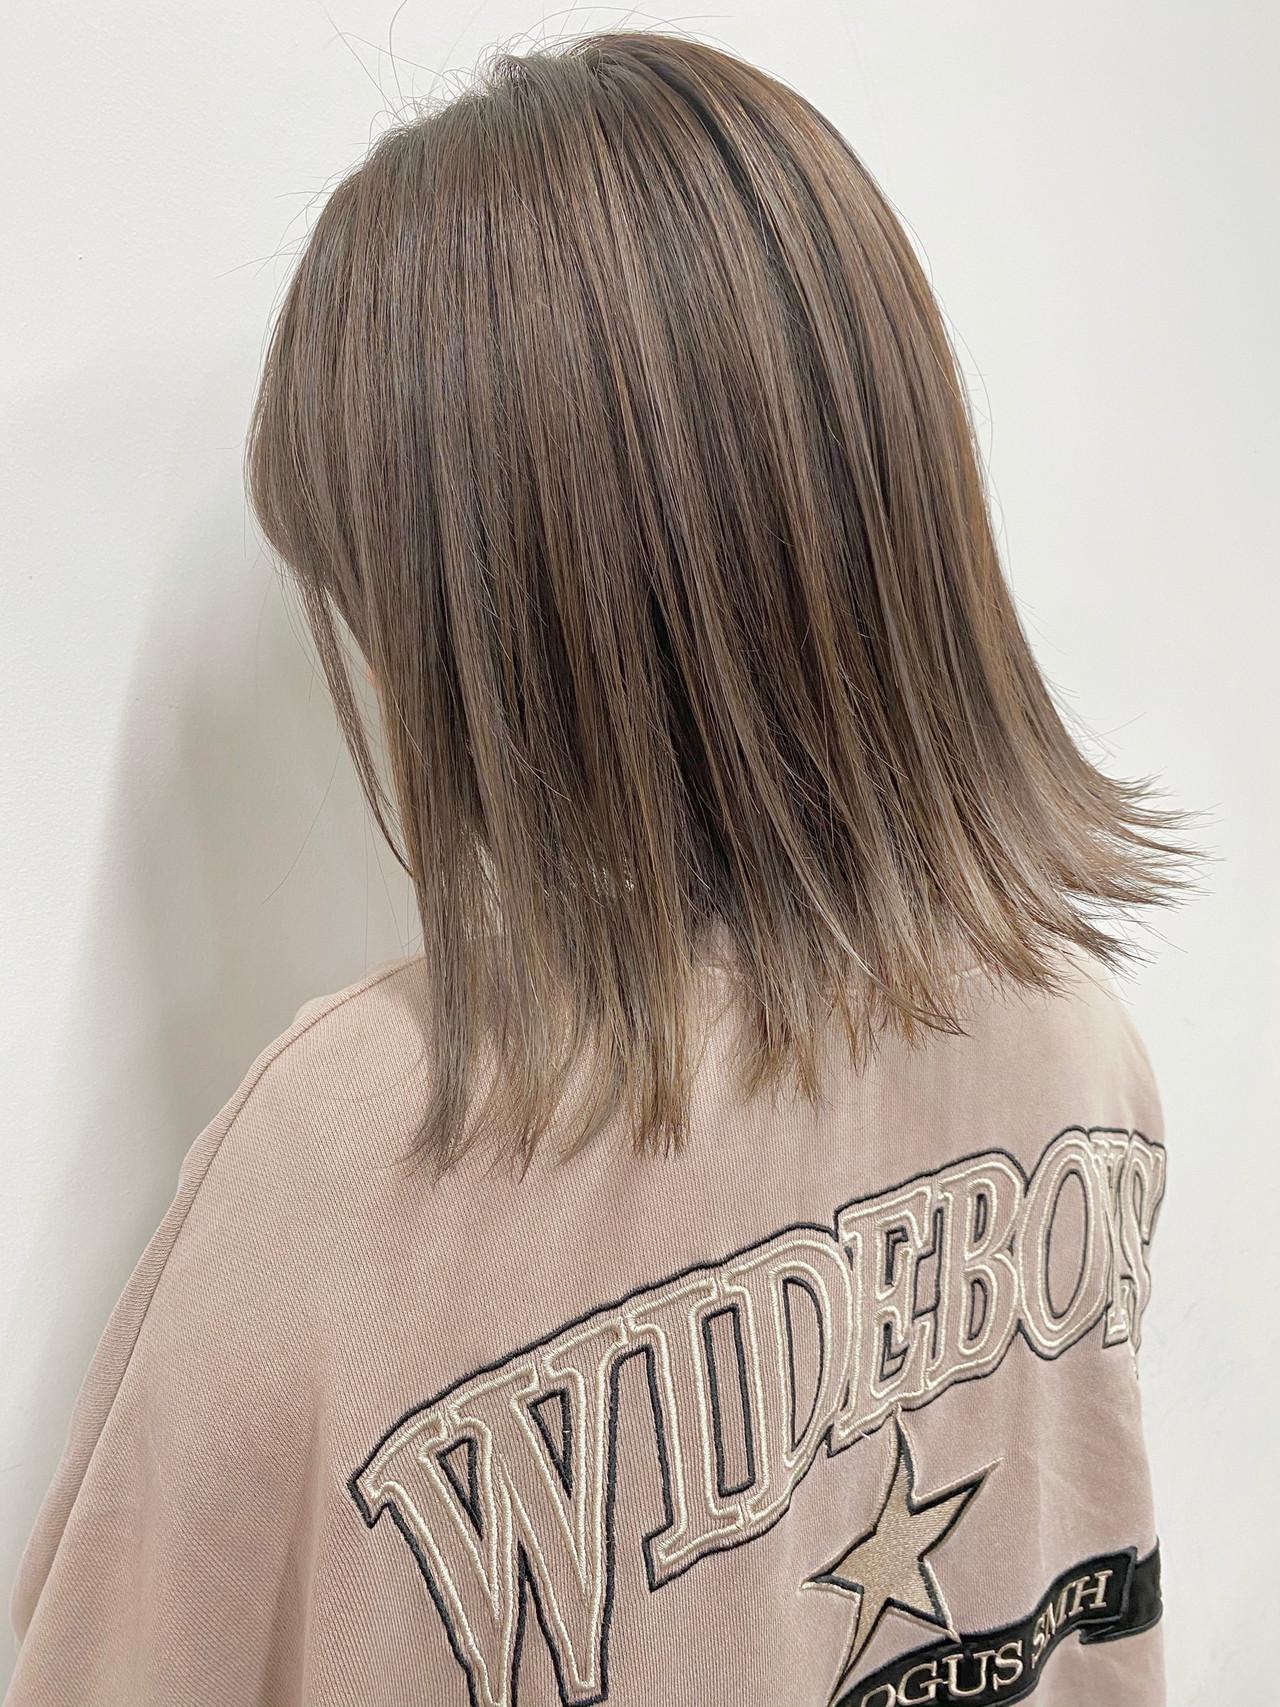 外ハネボブ 3Dハイライト ナチュラル ミルクティーベージュ ヘアスタイルや髪型の写真・画像   ADITION/ナカ カズキ / ADITION